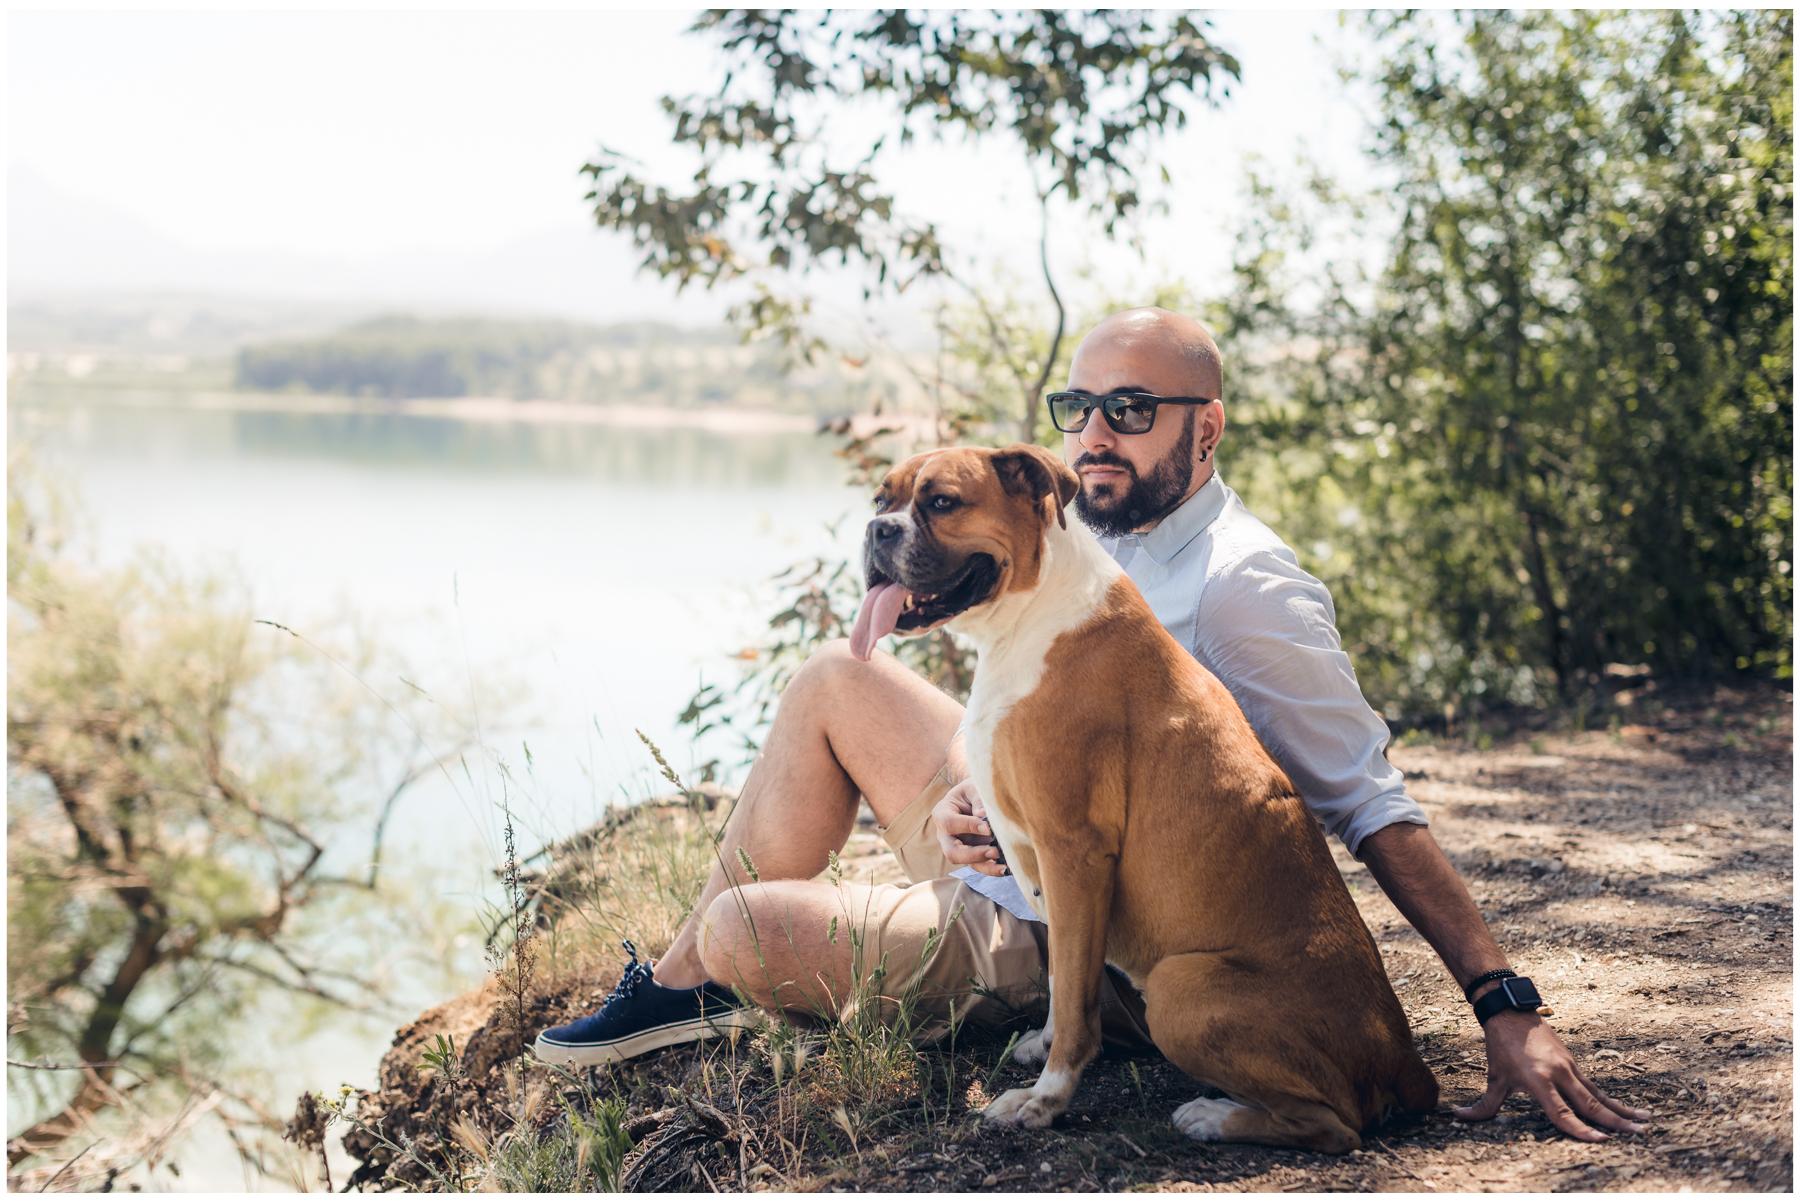 Nala-Retrato-Mascotas-Perros_Jose-Angel-Fotografia-568.jpg